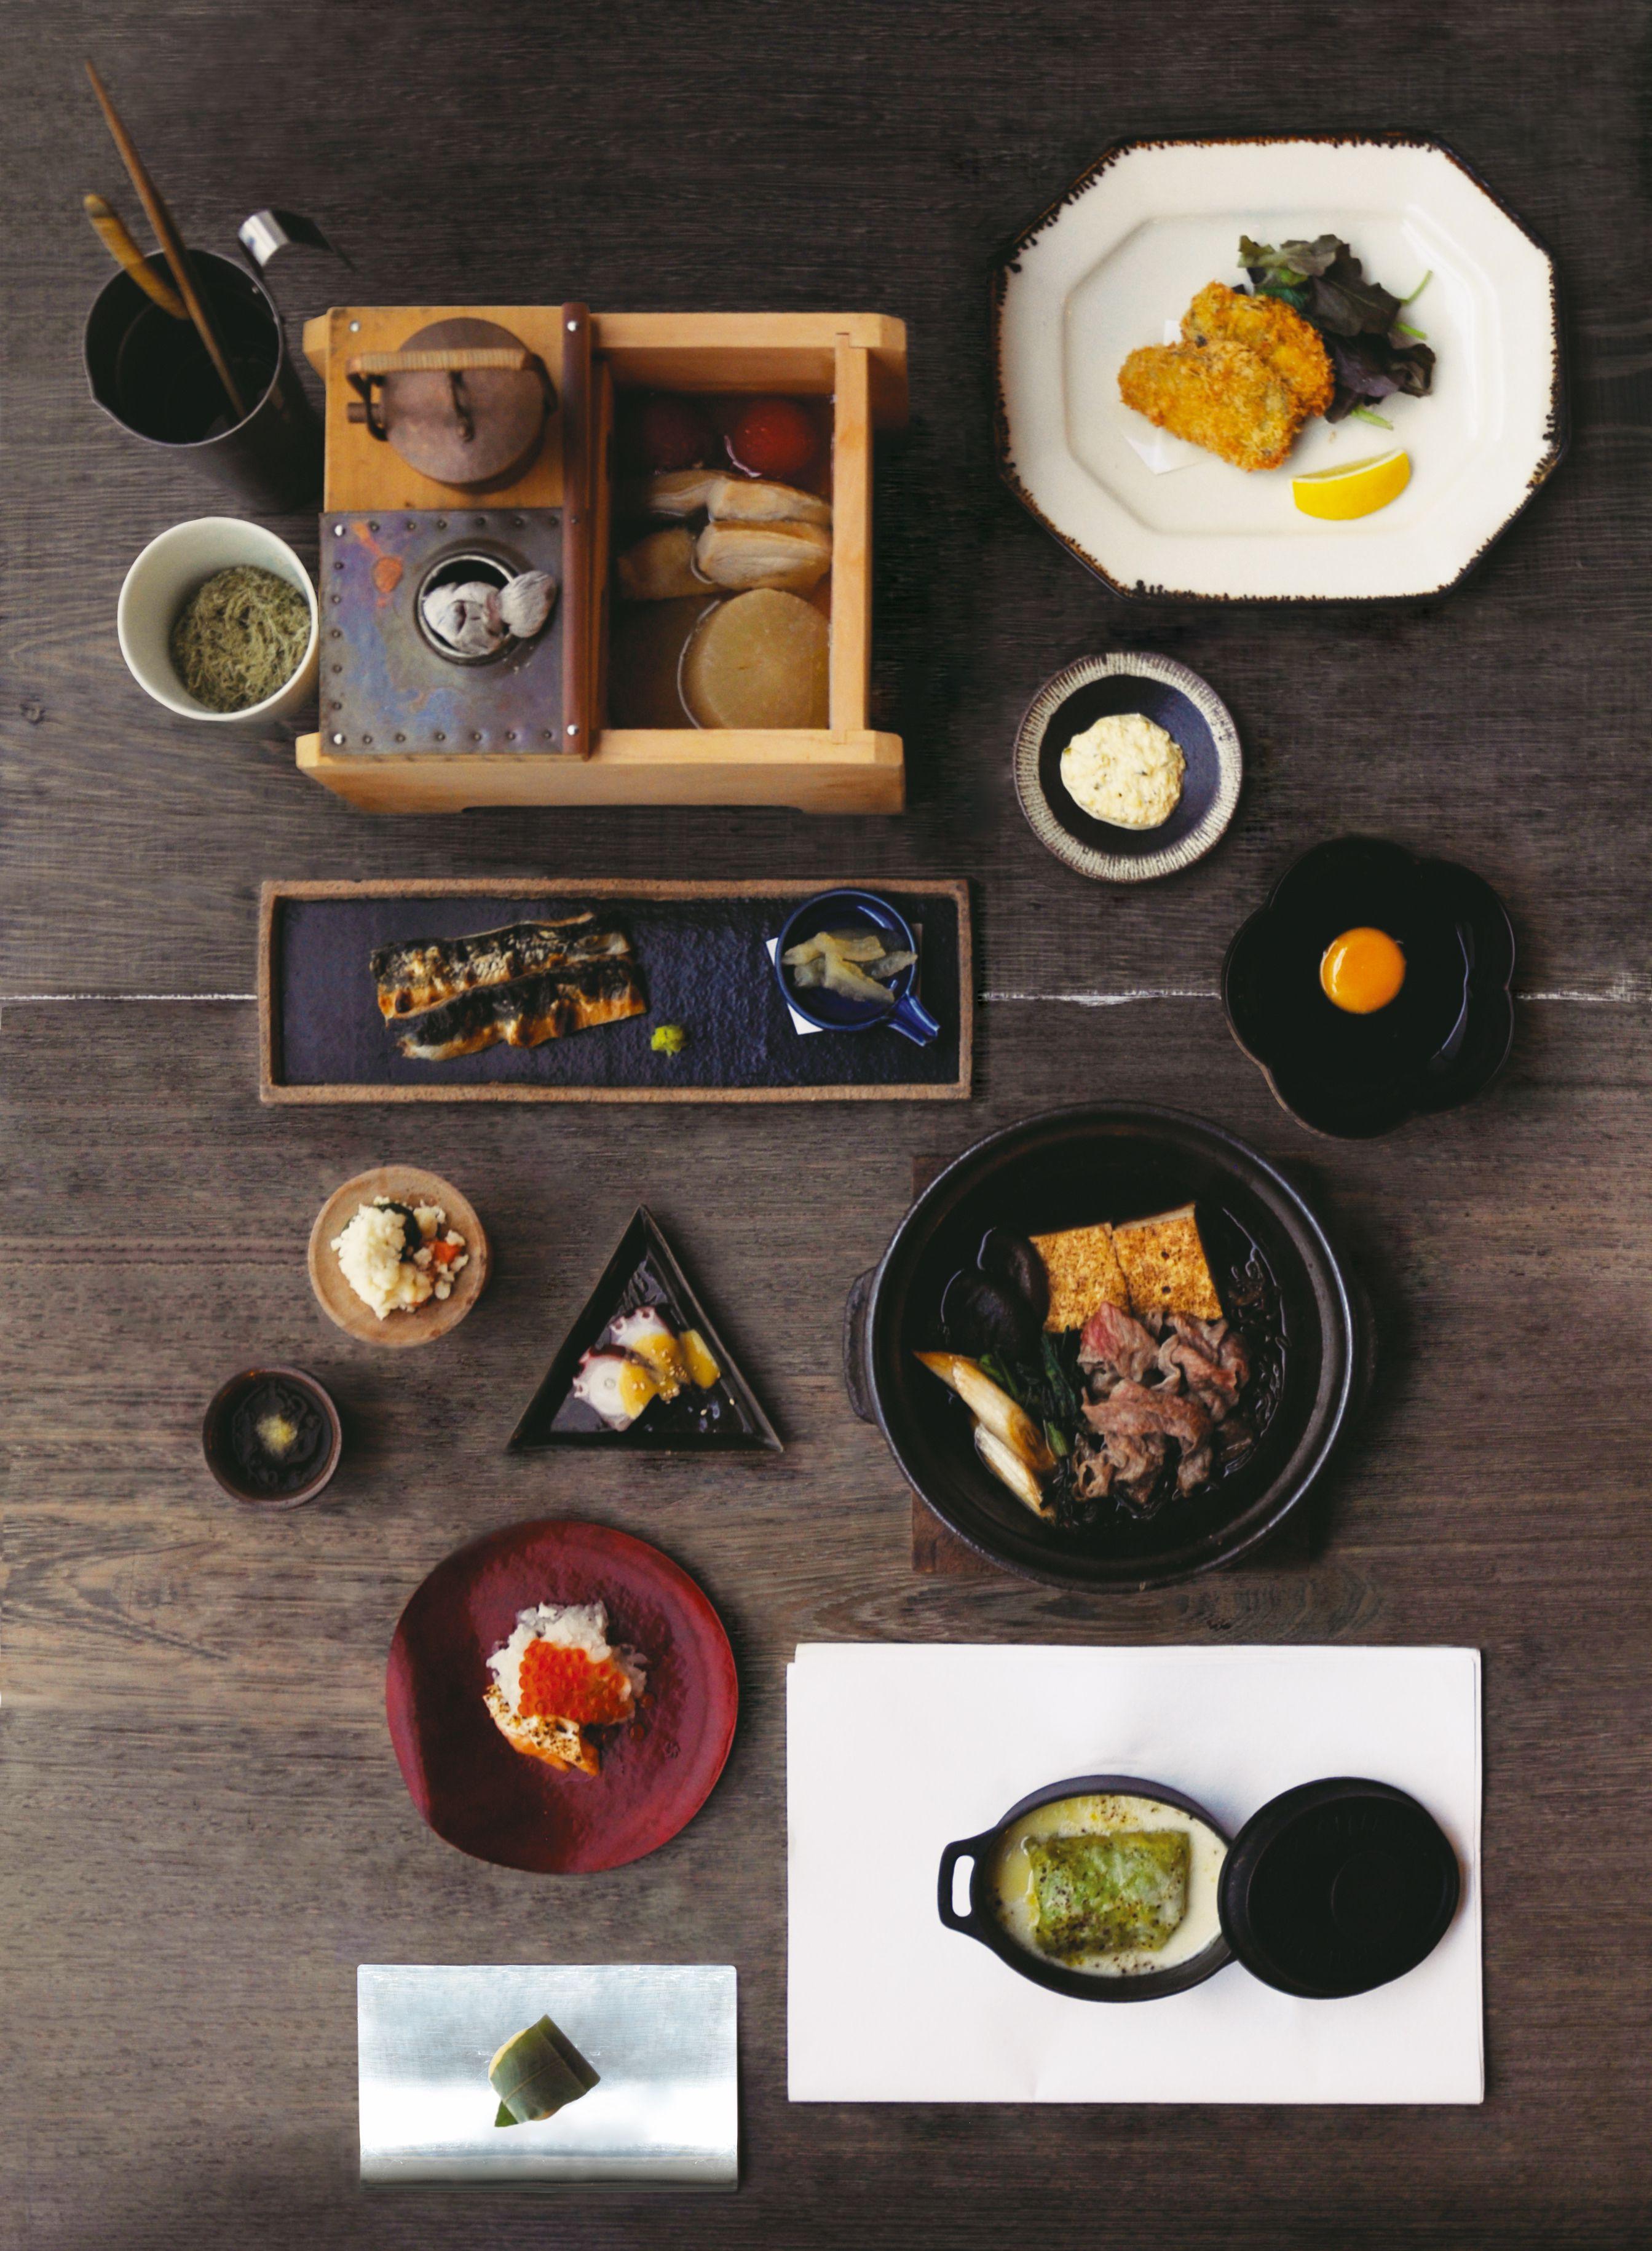 La gastronomía japonesa es una de las más googleadas en Argentina (Higashiyama Tokyo en Google Arts & Culture)